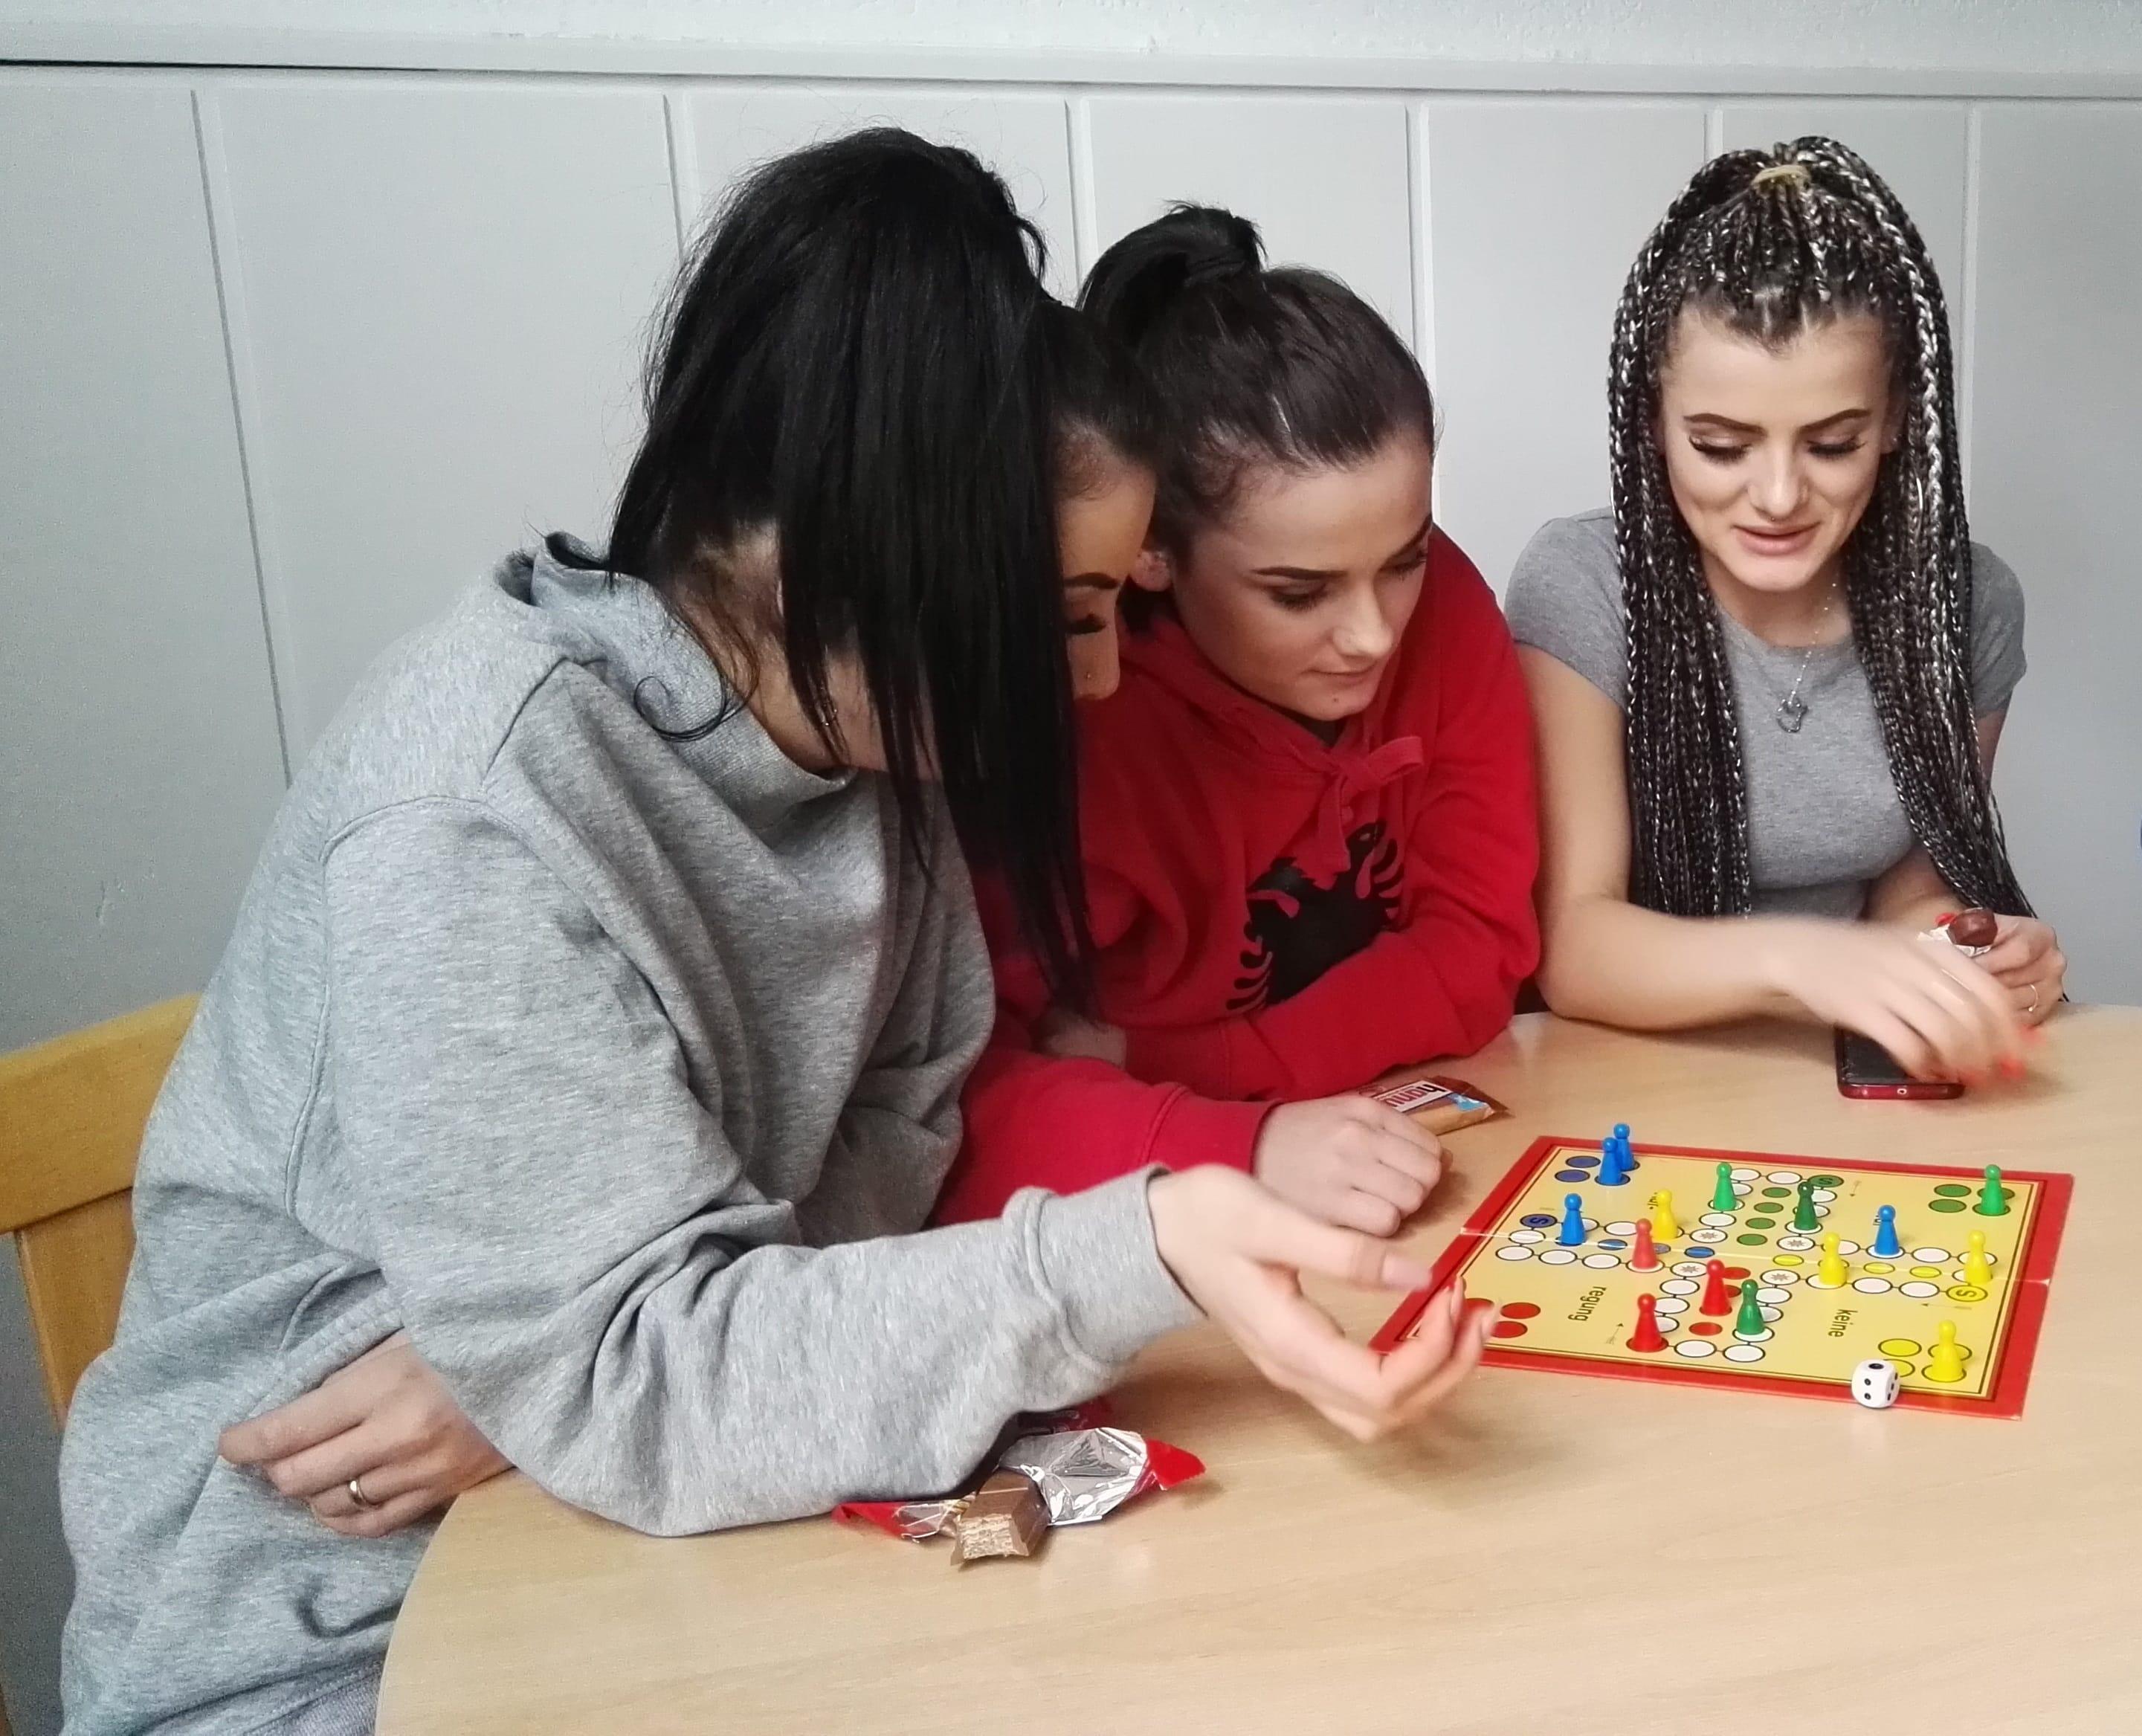 2019-02-19-eine-ausbildung-eine-schule-ein-haus--drei-schwestern-3